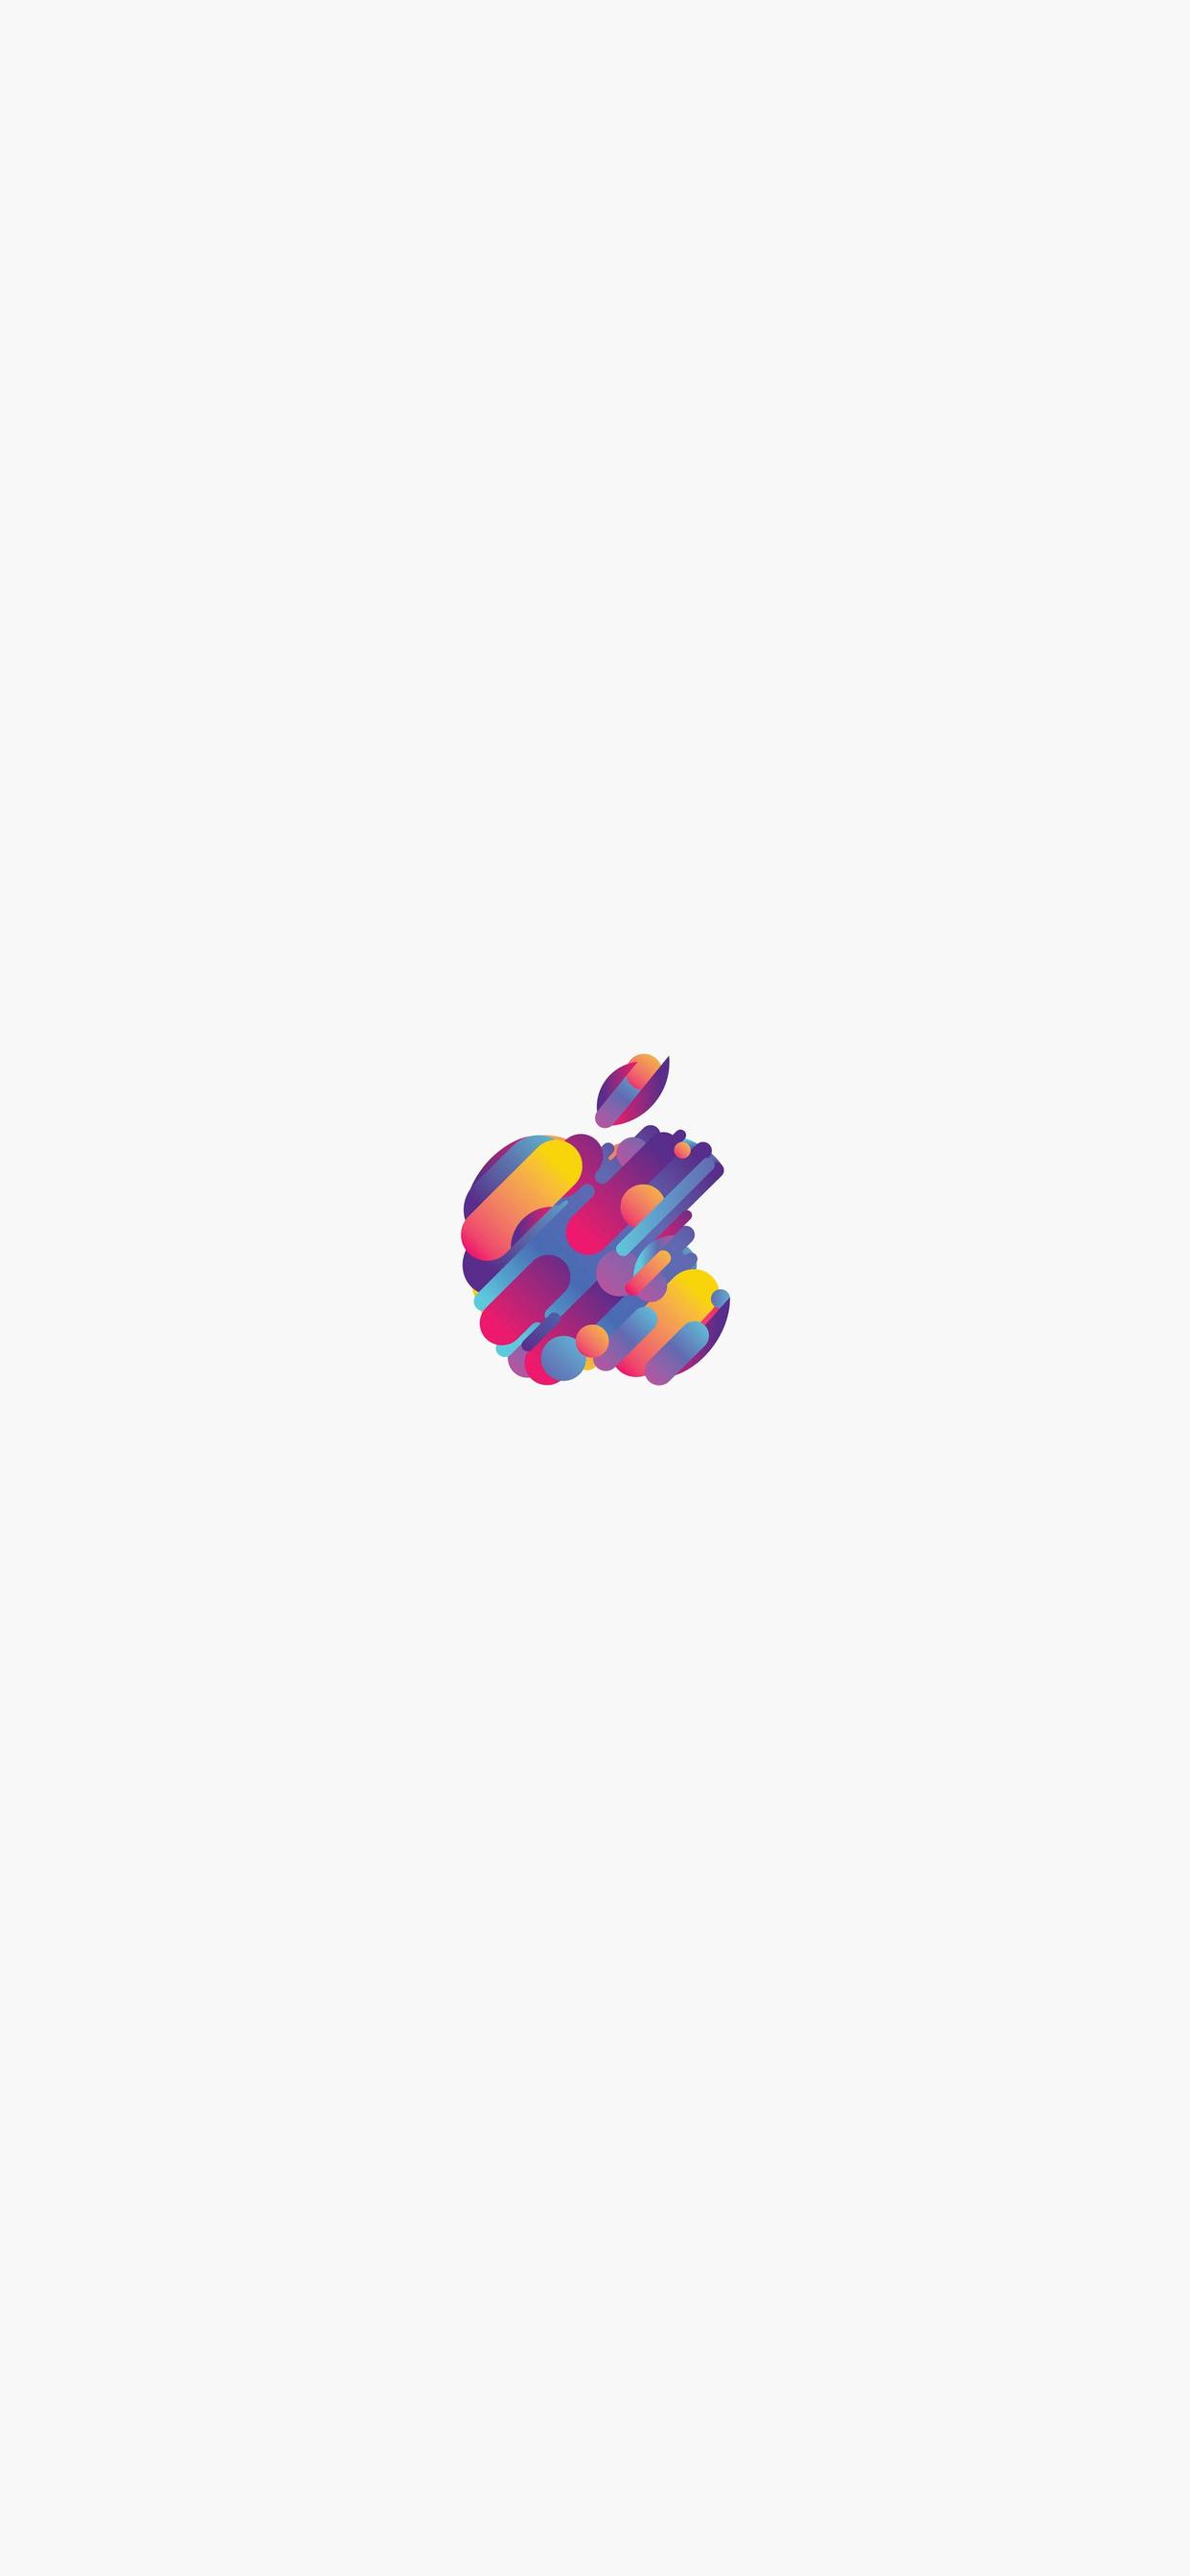 12 Fonds d'écran avec le logo Apple pour iPhone